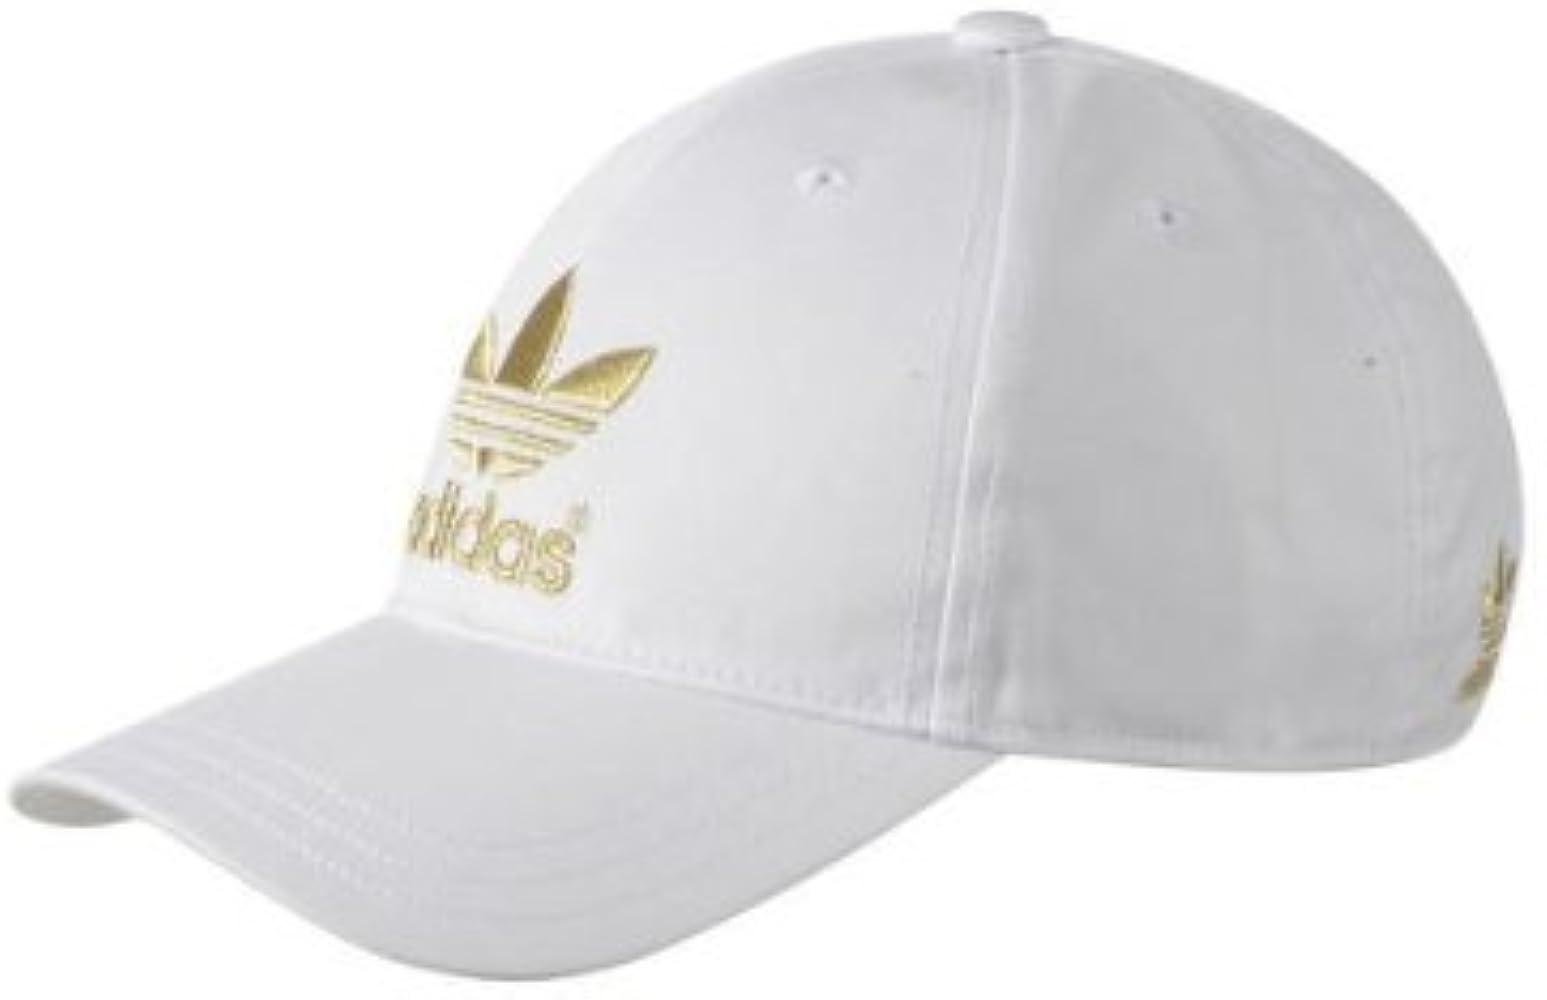 adidas G84833 Gorra, Unisex, Blanco/Dorado: Amazon.es: Ropa y ...